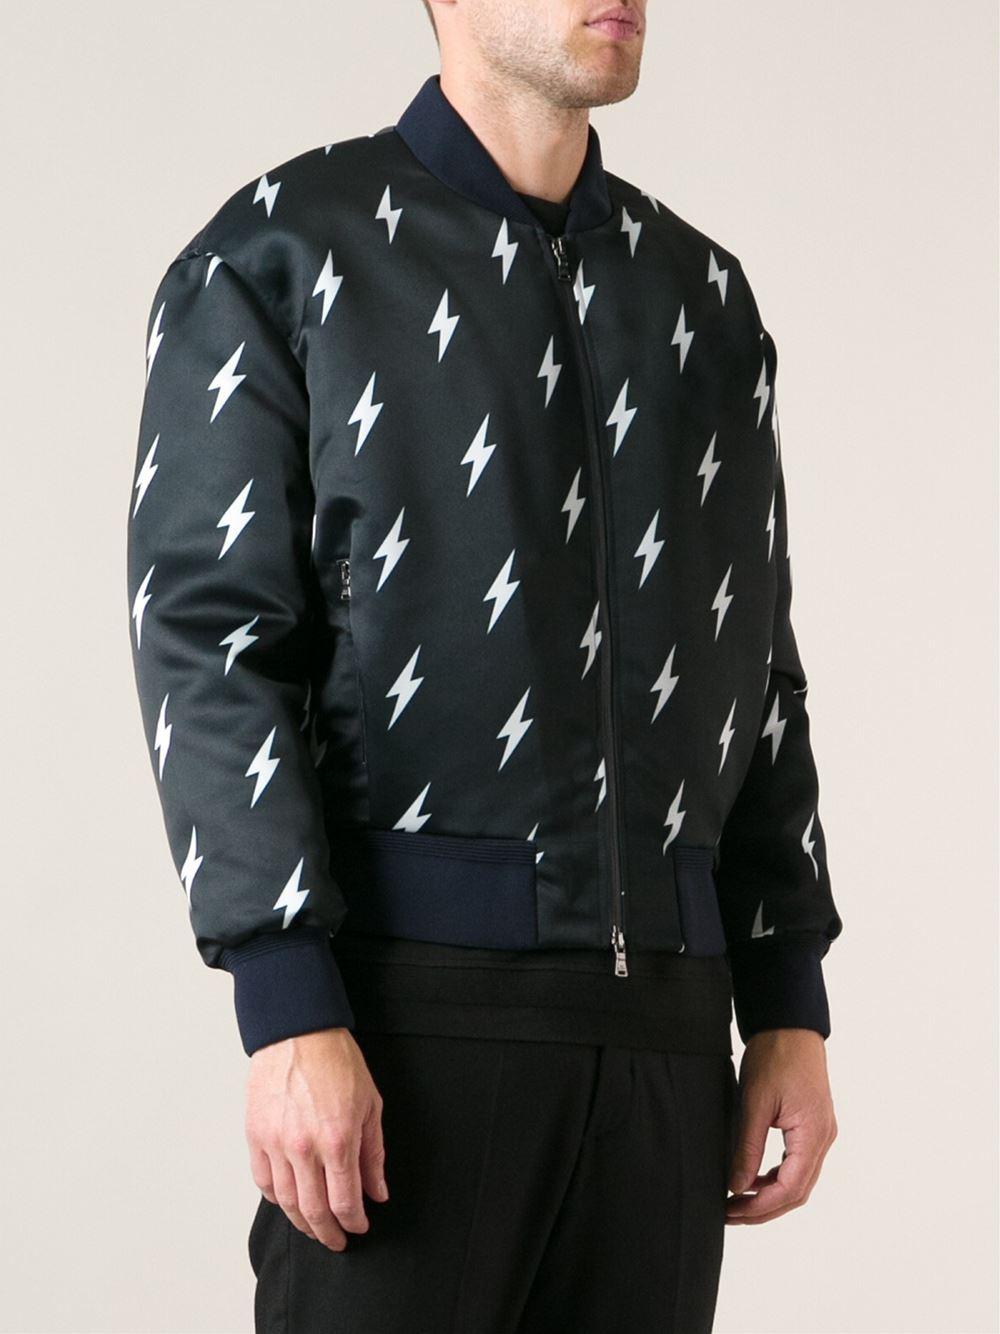 Lighting Jacket: Neil Barrett Lightning Bolt Print Jacket In Blue